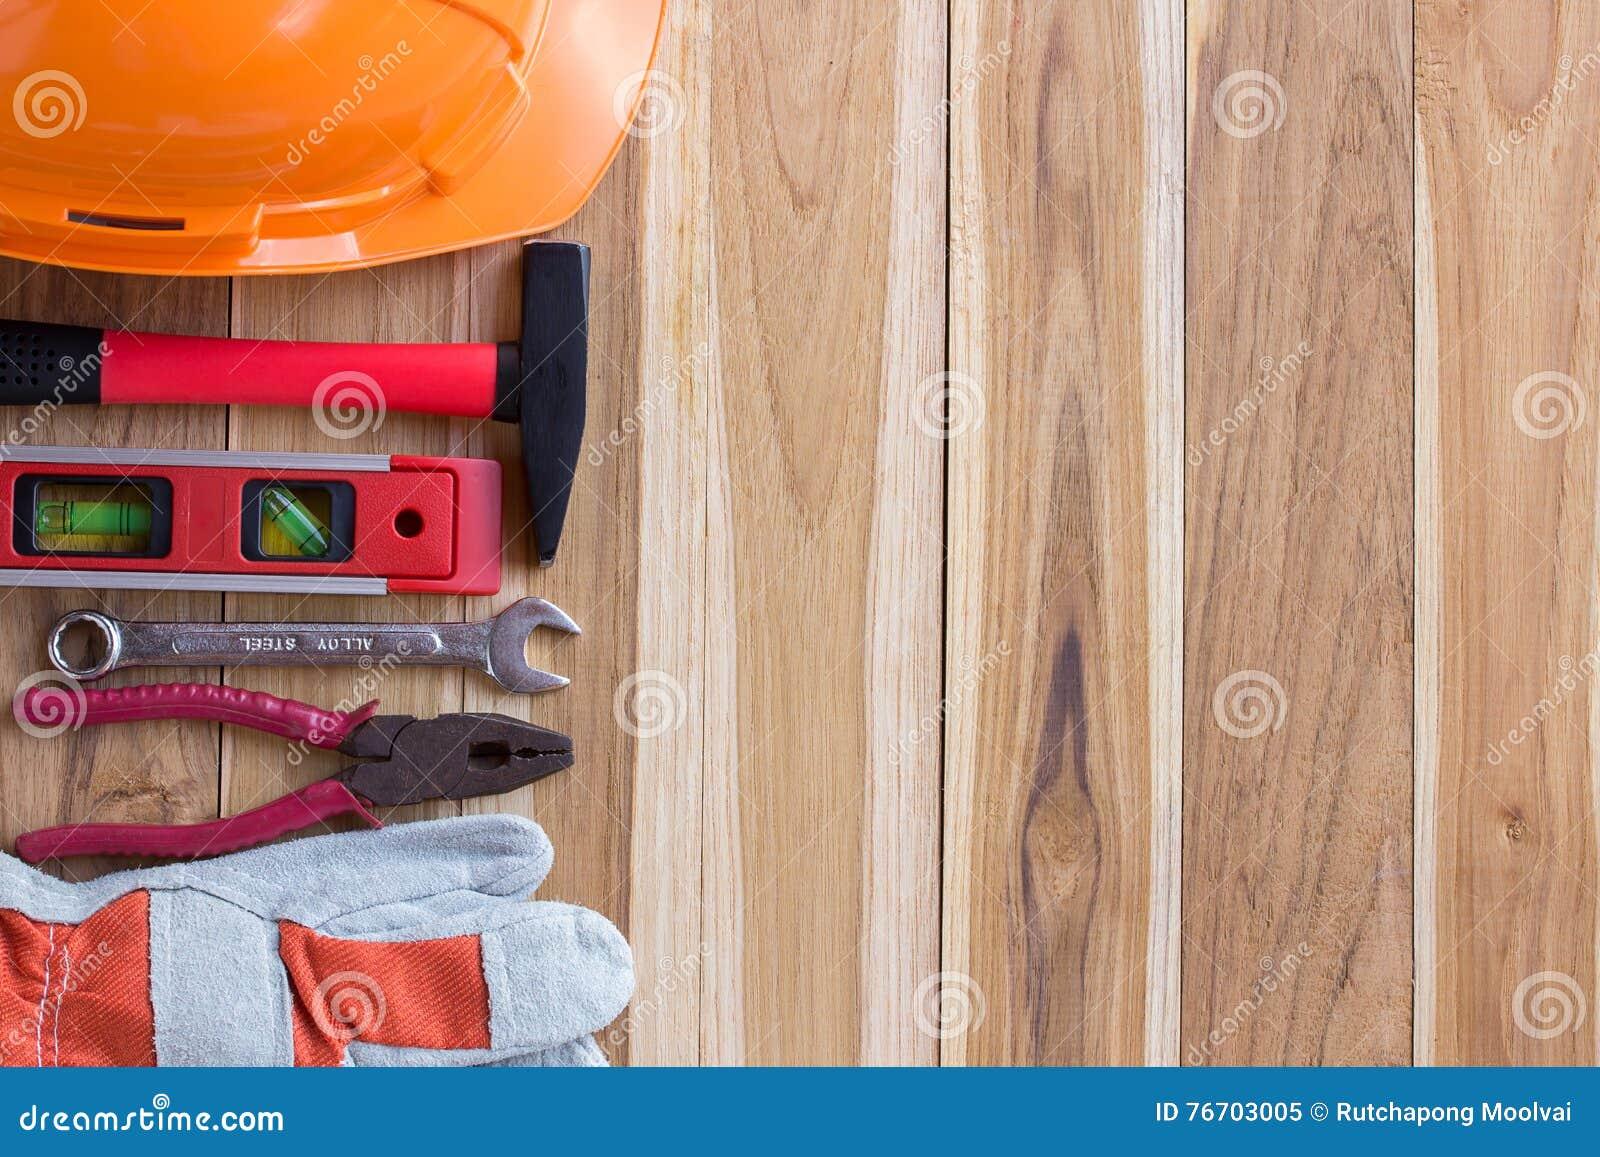 Εξοπλισμός ασφάλειας και εξάρτηση εργαλείων σε ξύλινο